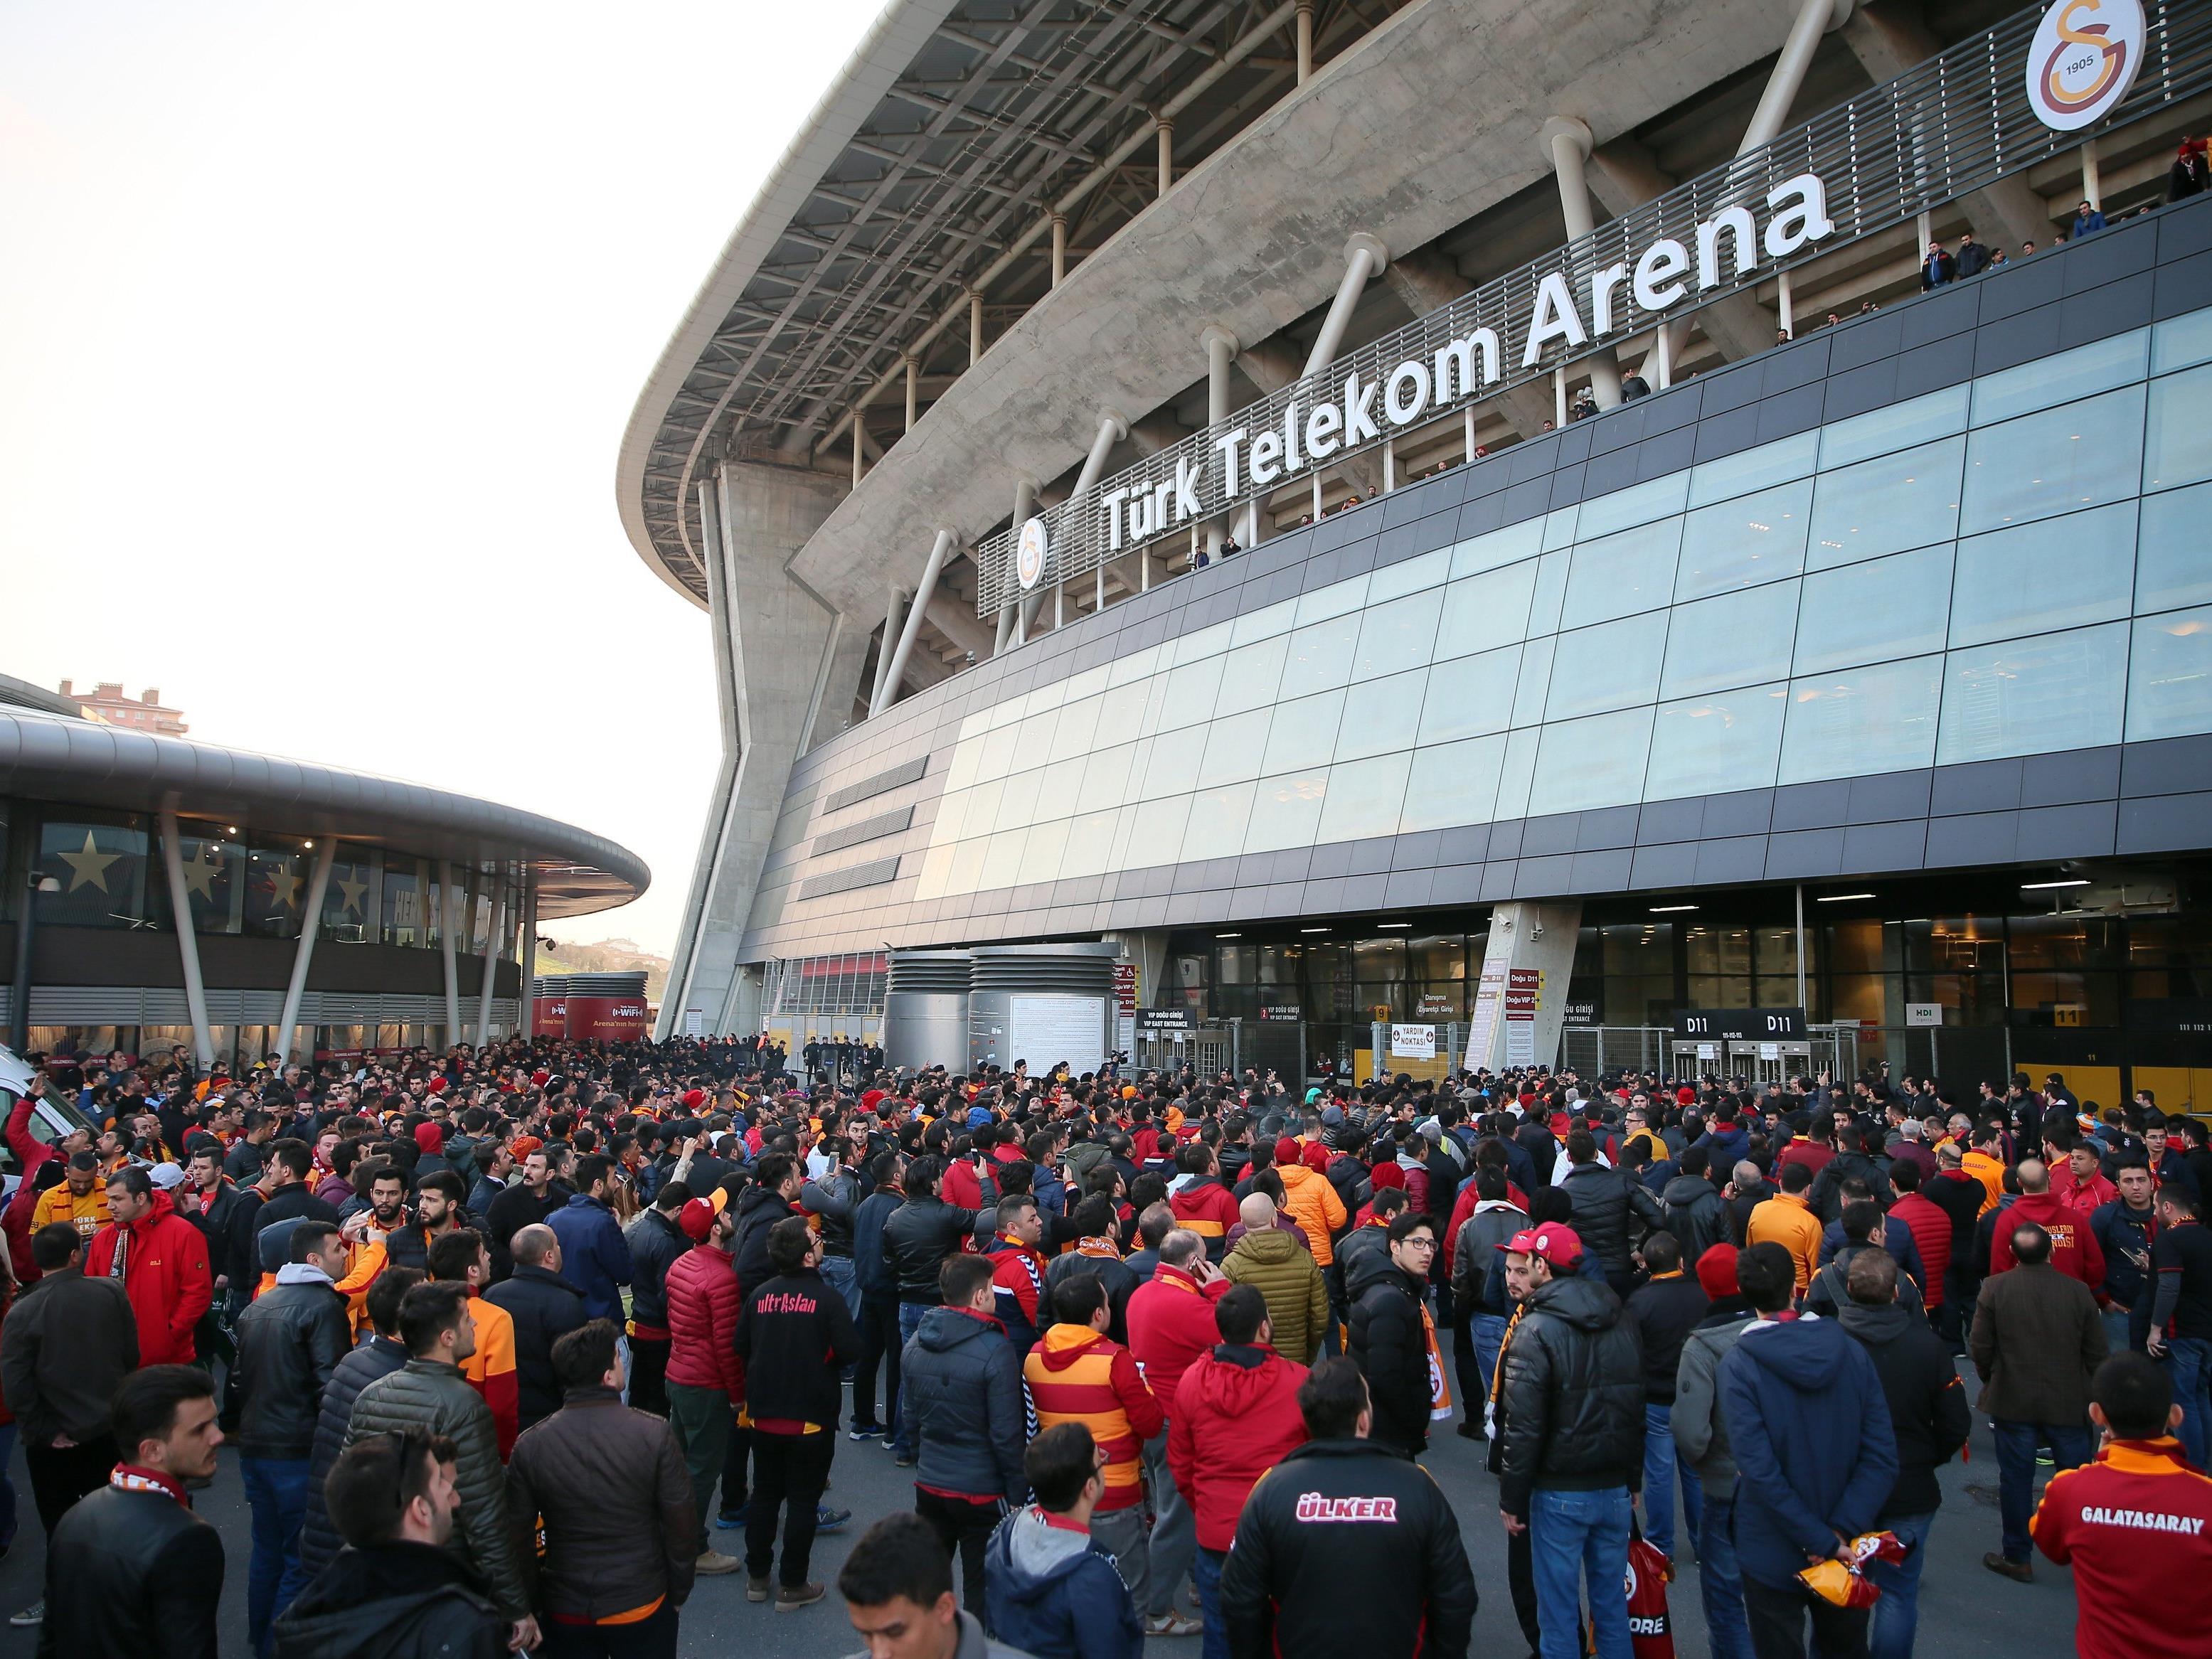 Auch der türkische Fußballverband (TFF) folgte der Aufforderung und passte auf seiner Webseite die Namen von mehreren Spielstätten an.